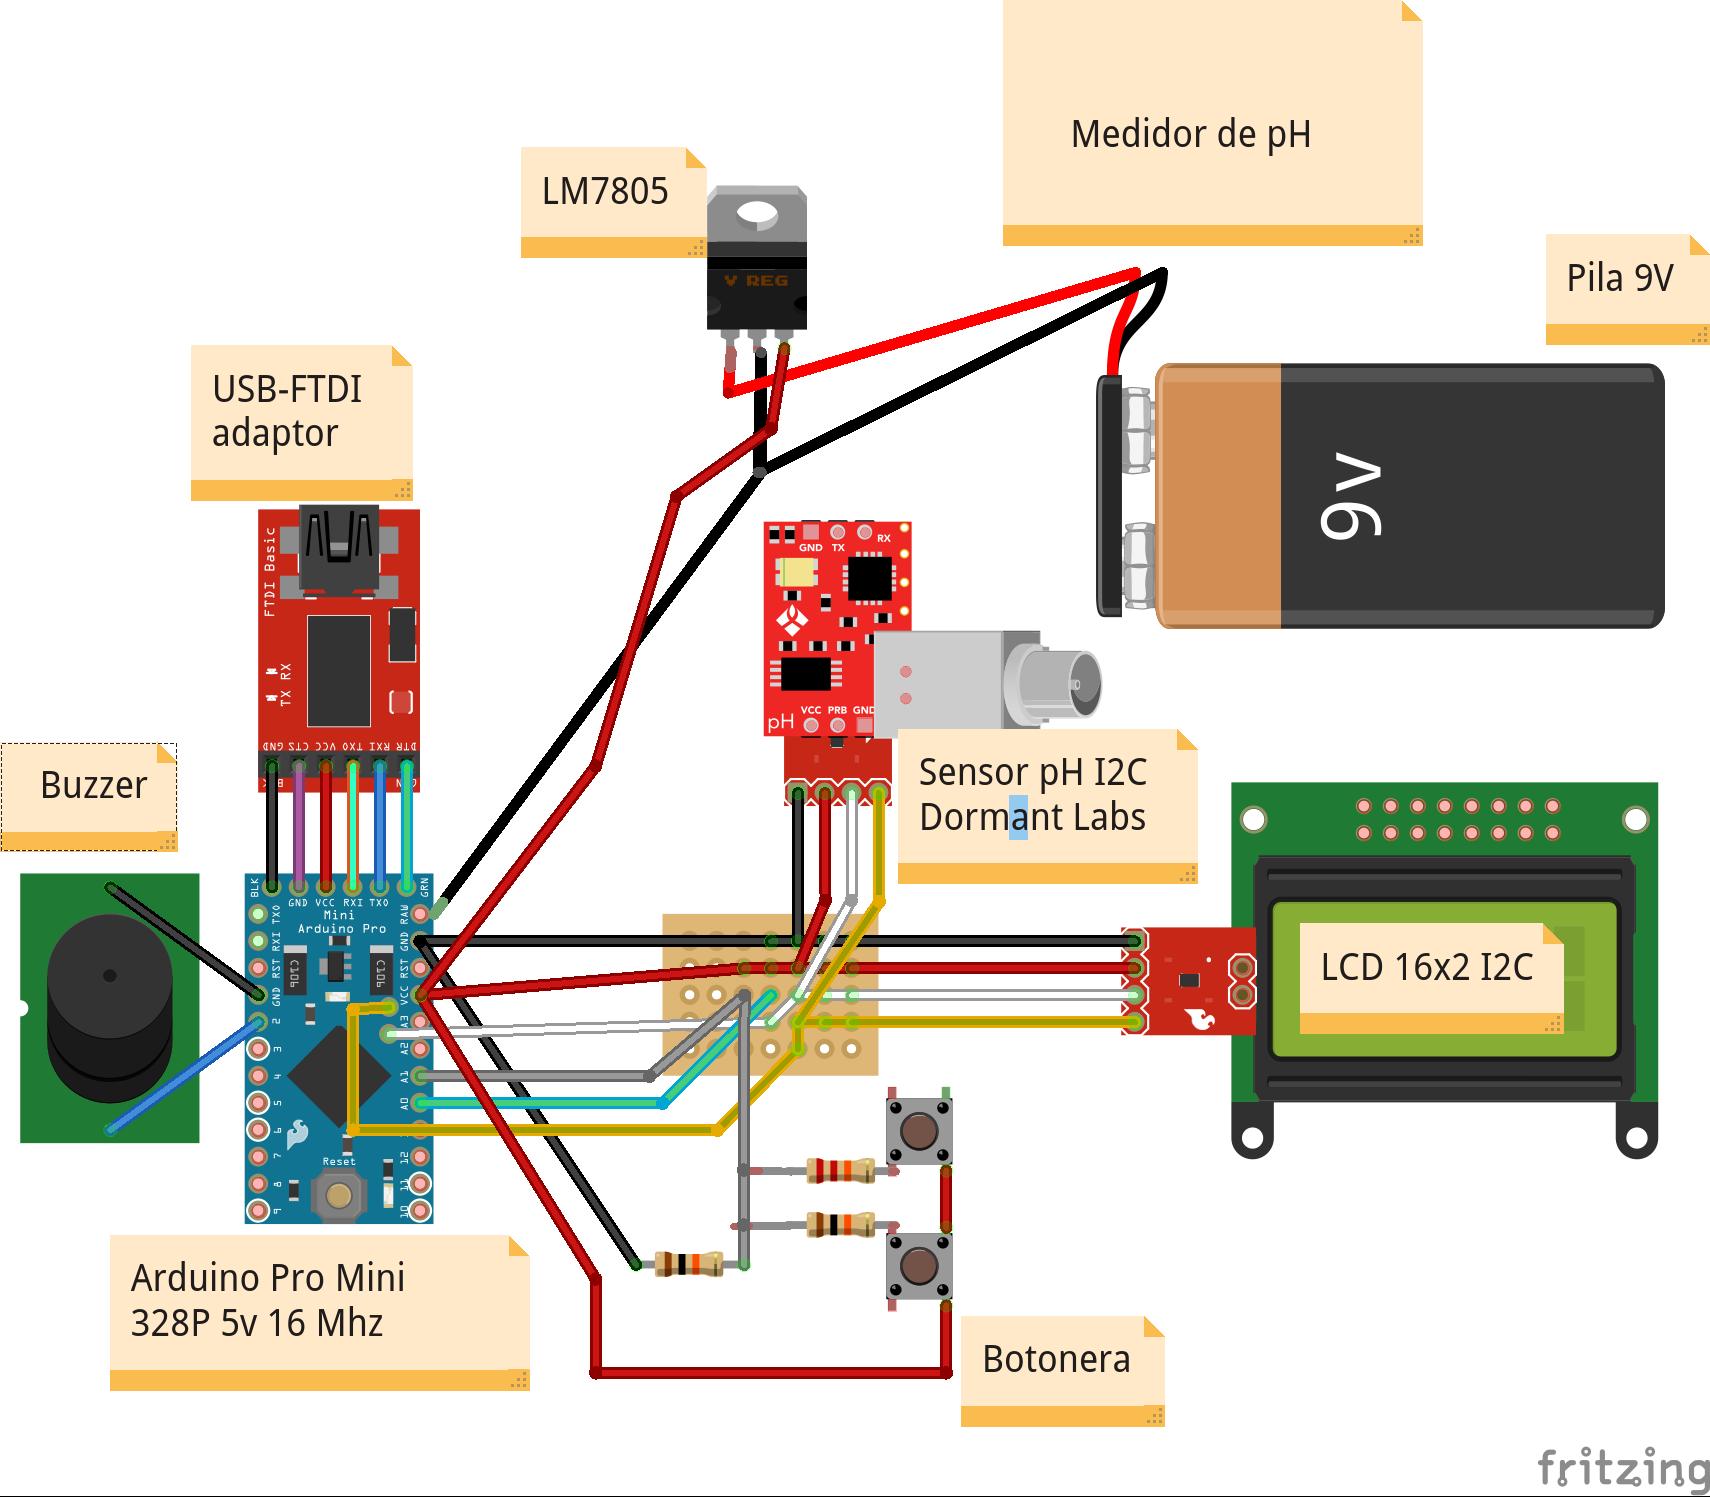 Medidor de ph con arduino pro mini y sensor de dormant for Medidor ph tierra